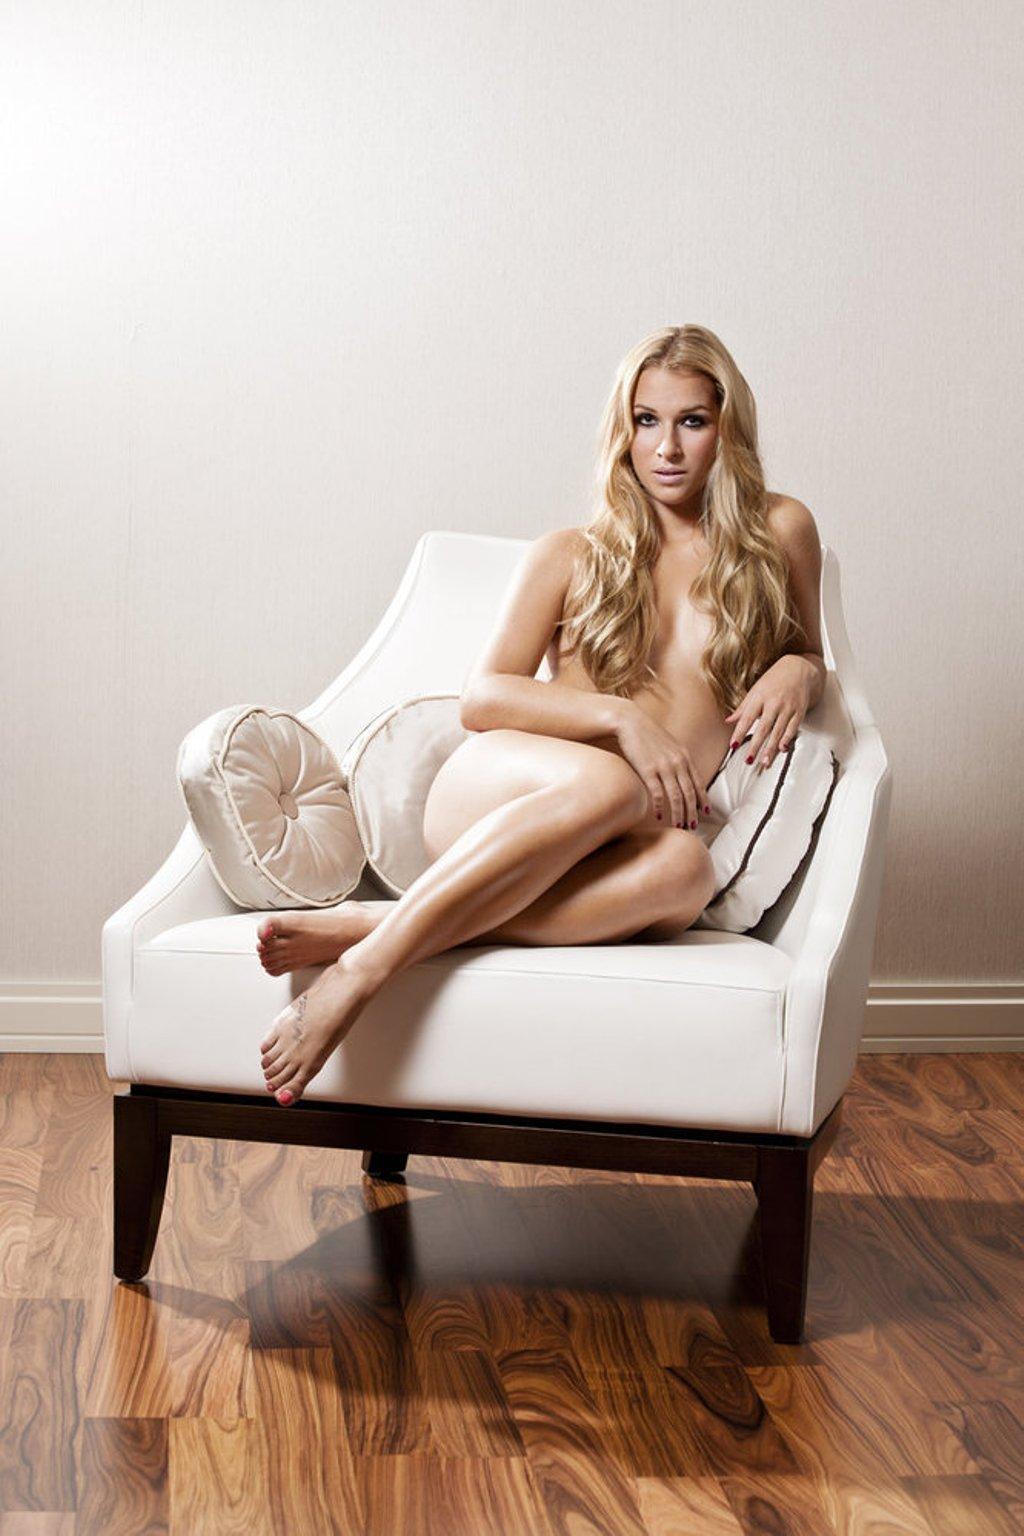 Dominika Cibulkova again naked 2